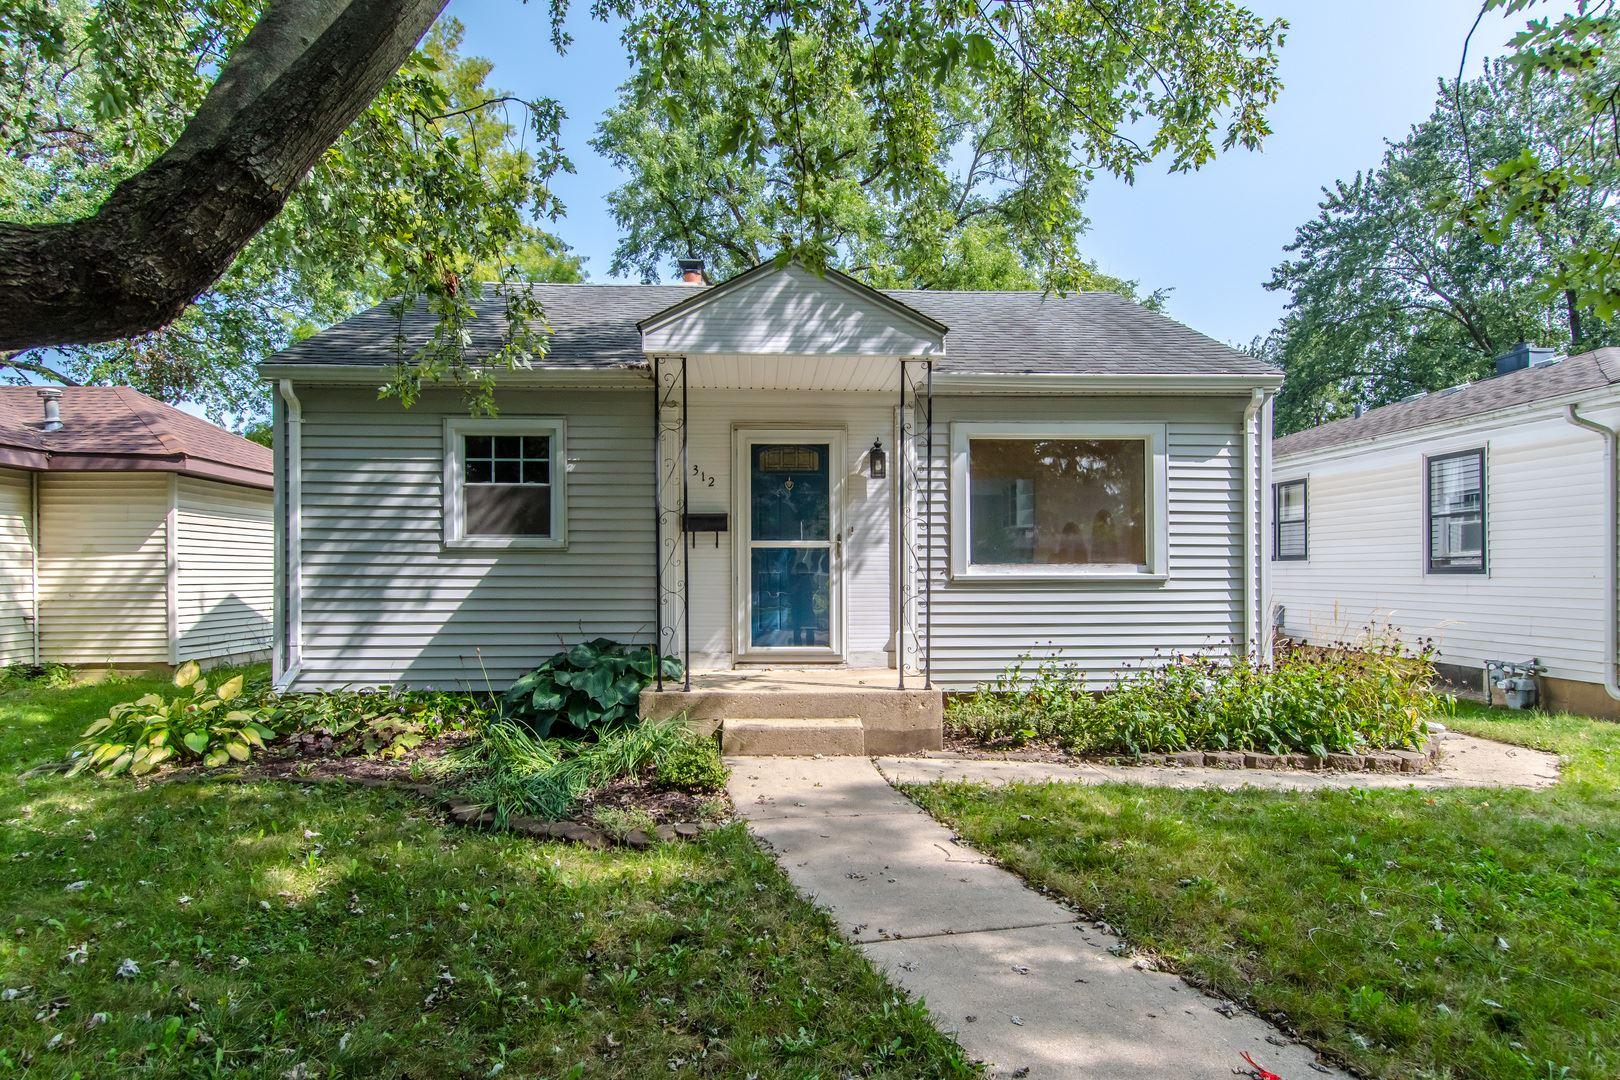 Photo of 312 PARK Drive, Joliet, IL 60436 (MLS # 10863789)